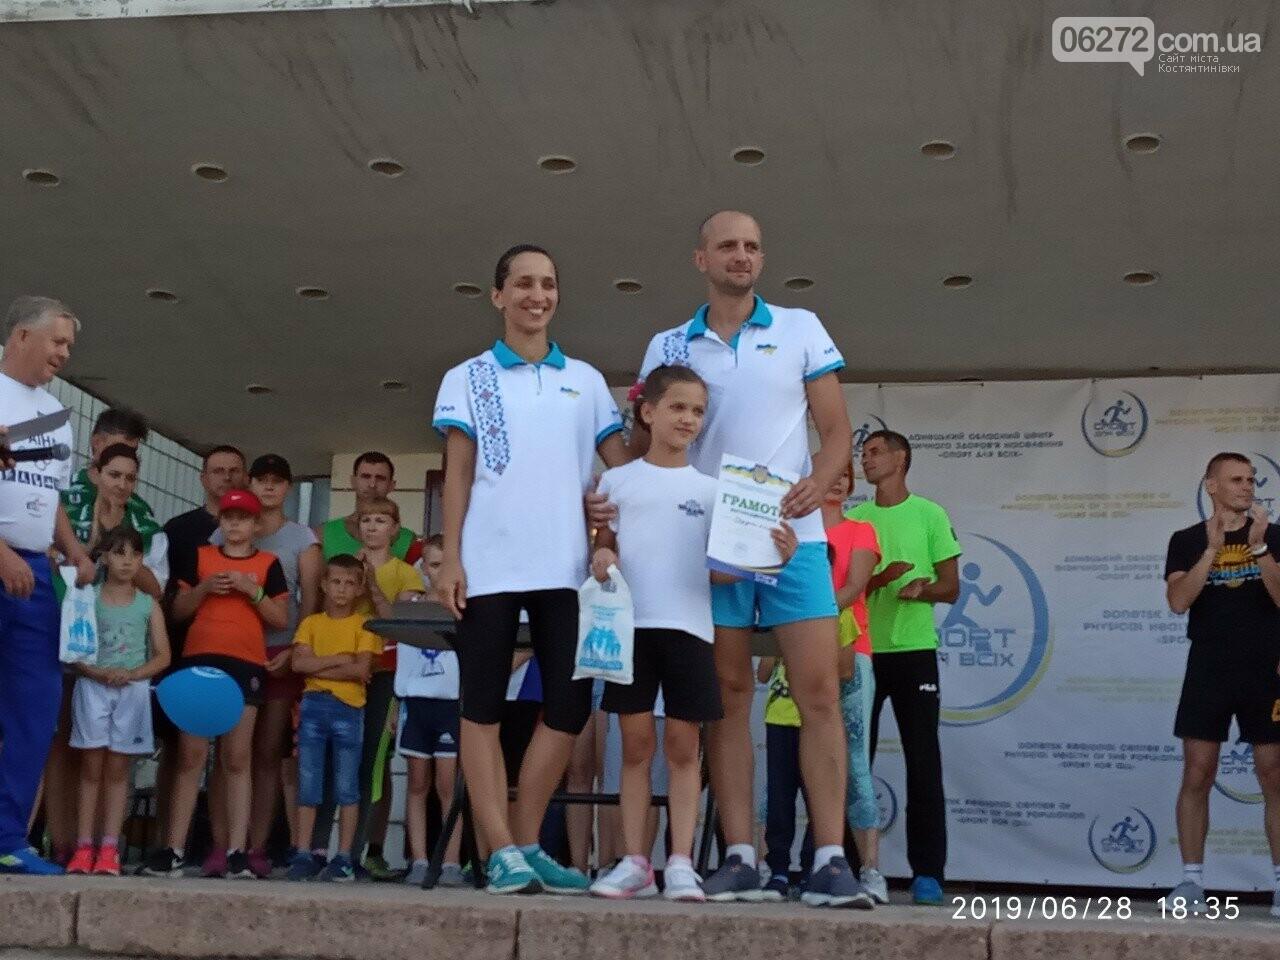 Сім'я із Костянтинівки стала найспортивнішою в Донецькій області, фото-8